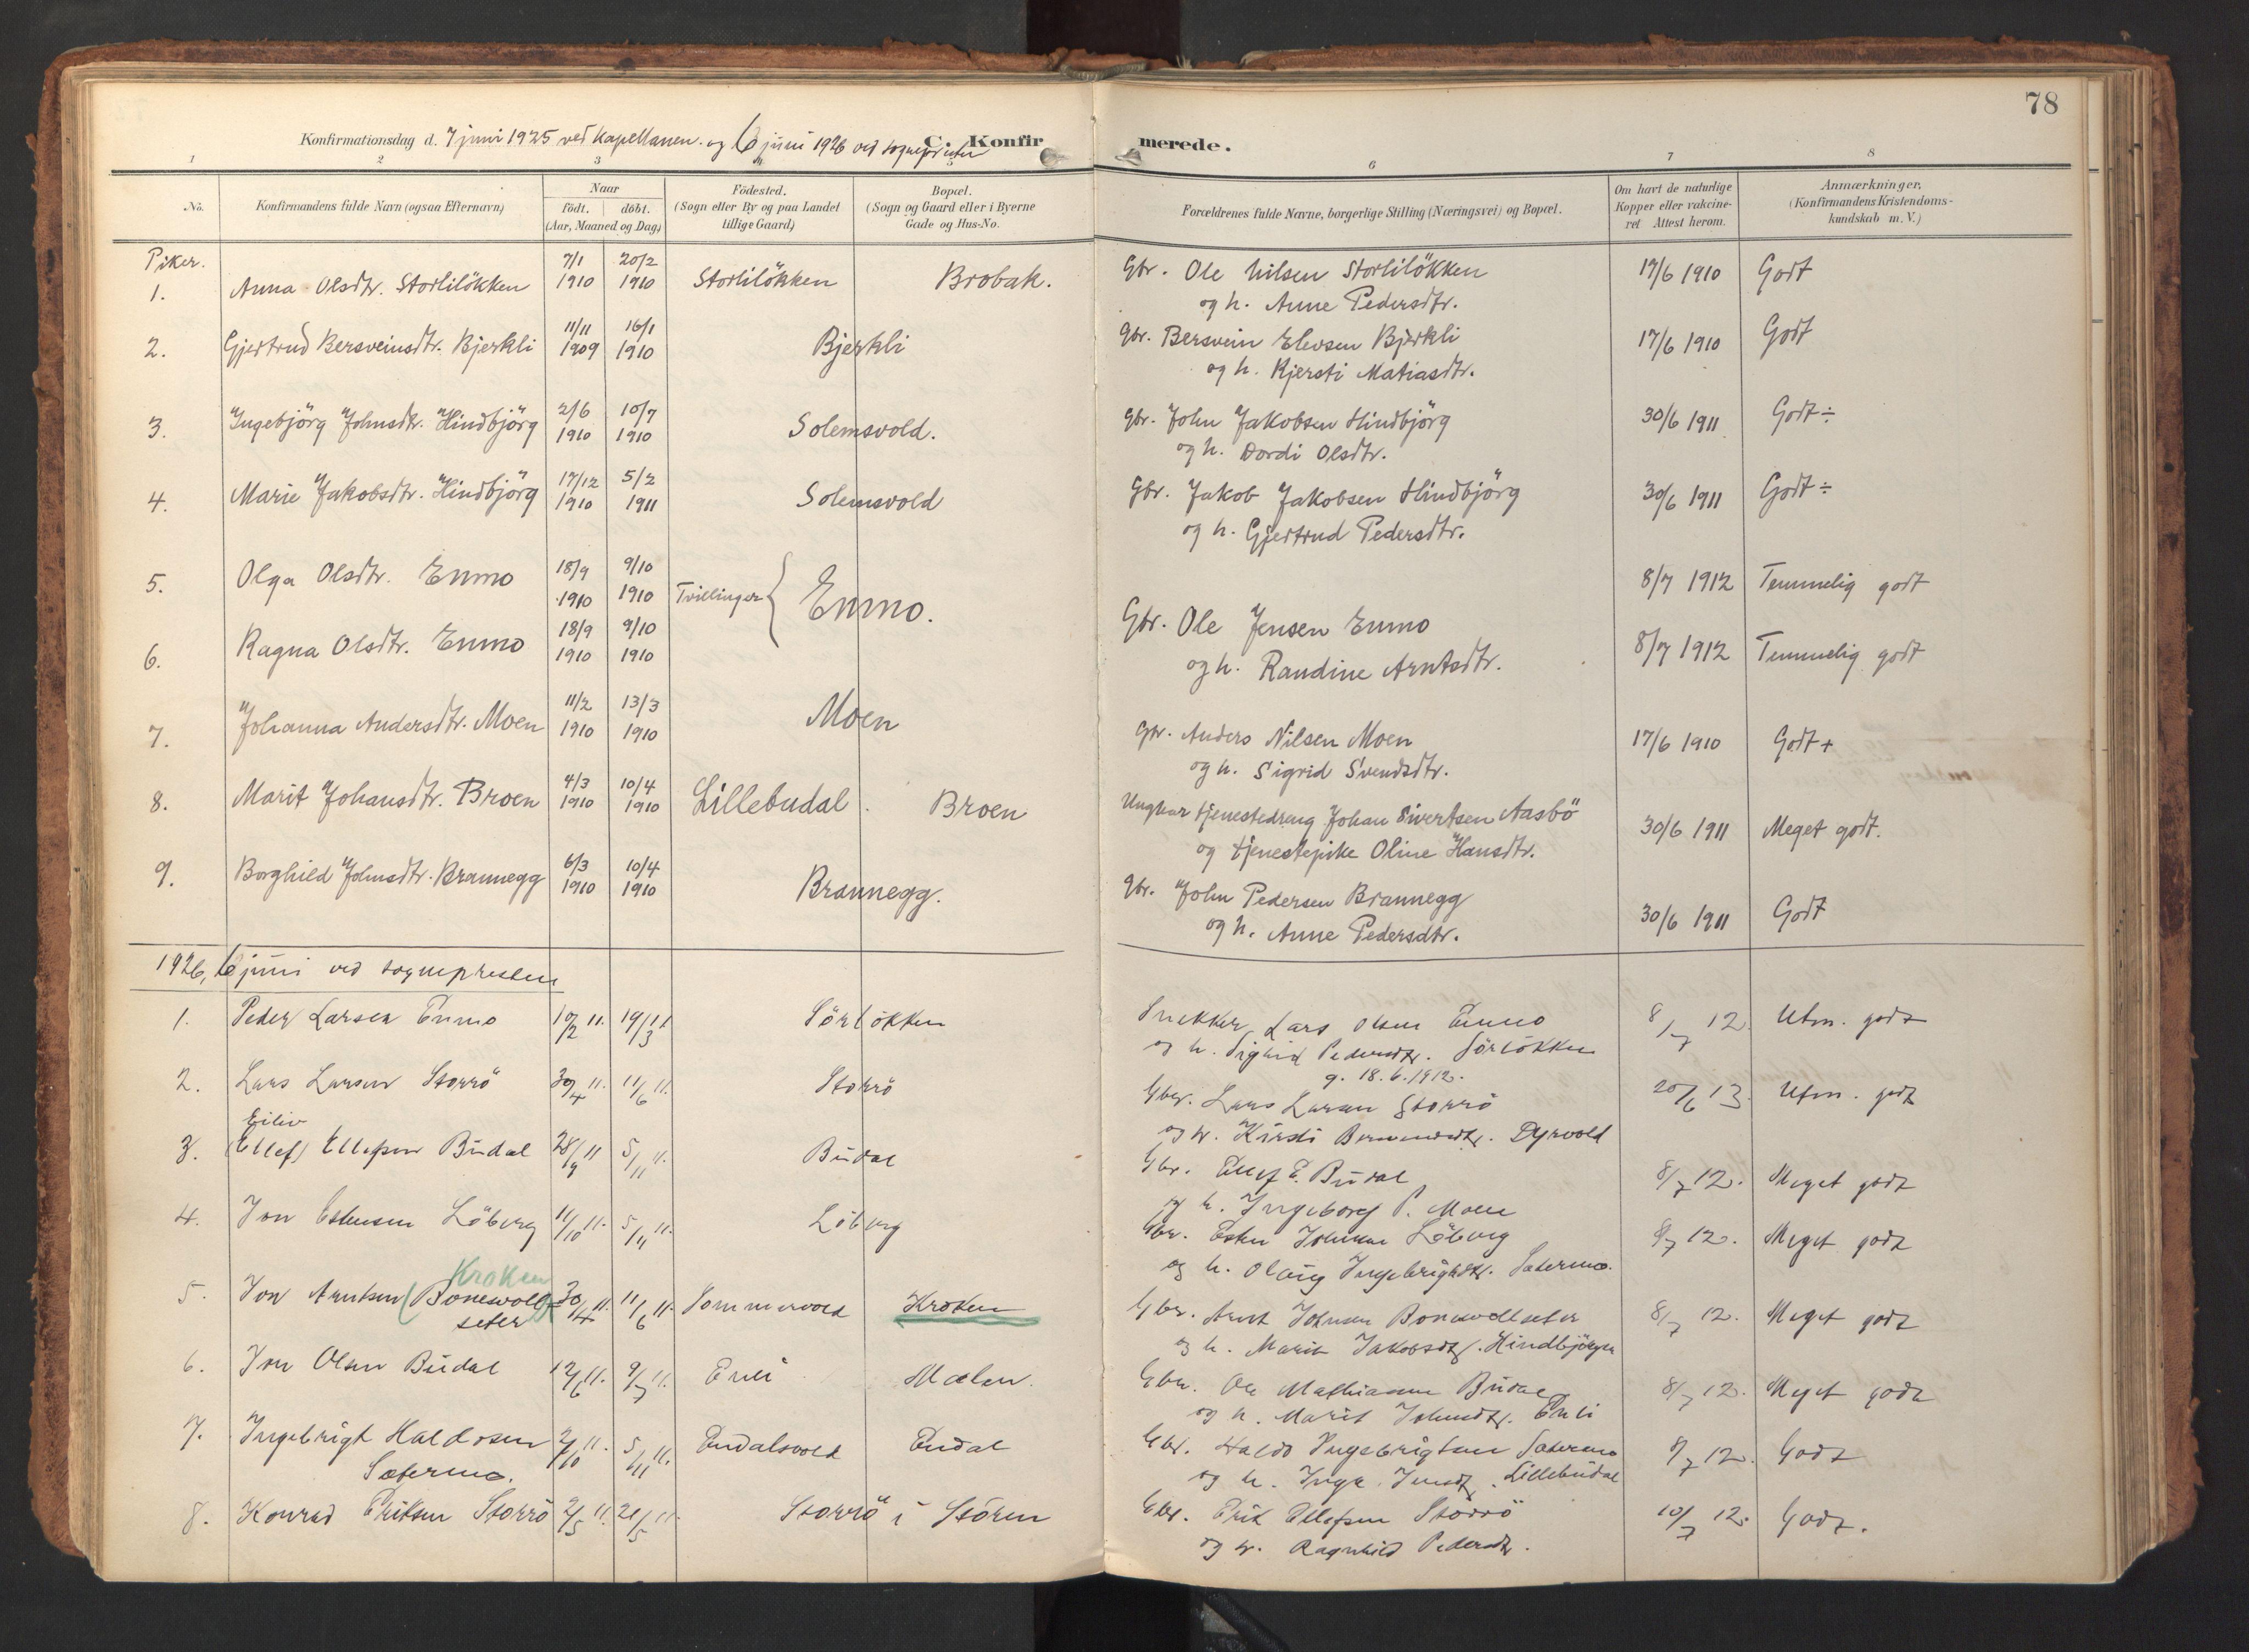 SAT, Ministerialprotokoller, klokkerbøker og fødselsregistre - Sør-Trøndelag, 690/L1050: Ministerialbok nr. 690A01, 1889-1929, s. 78